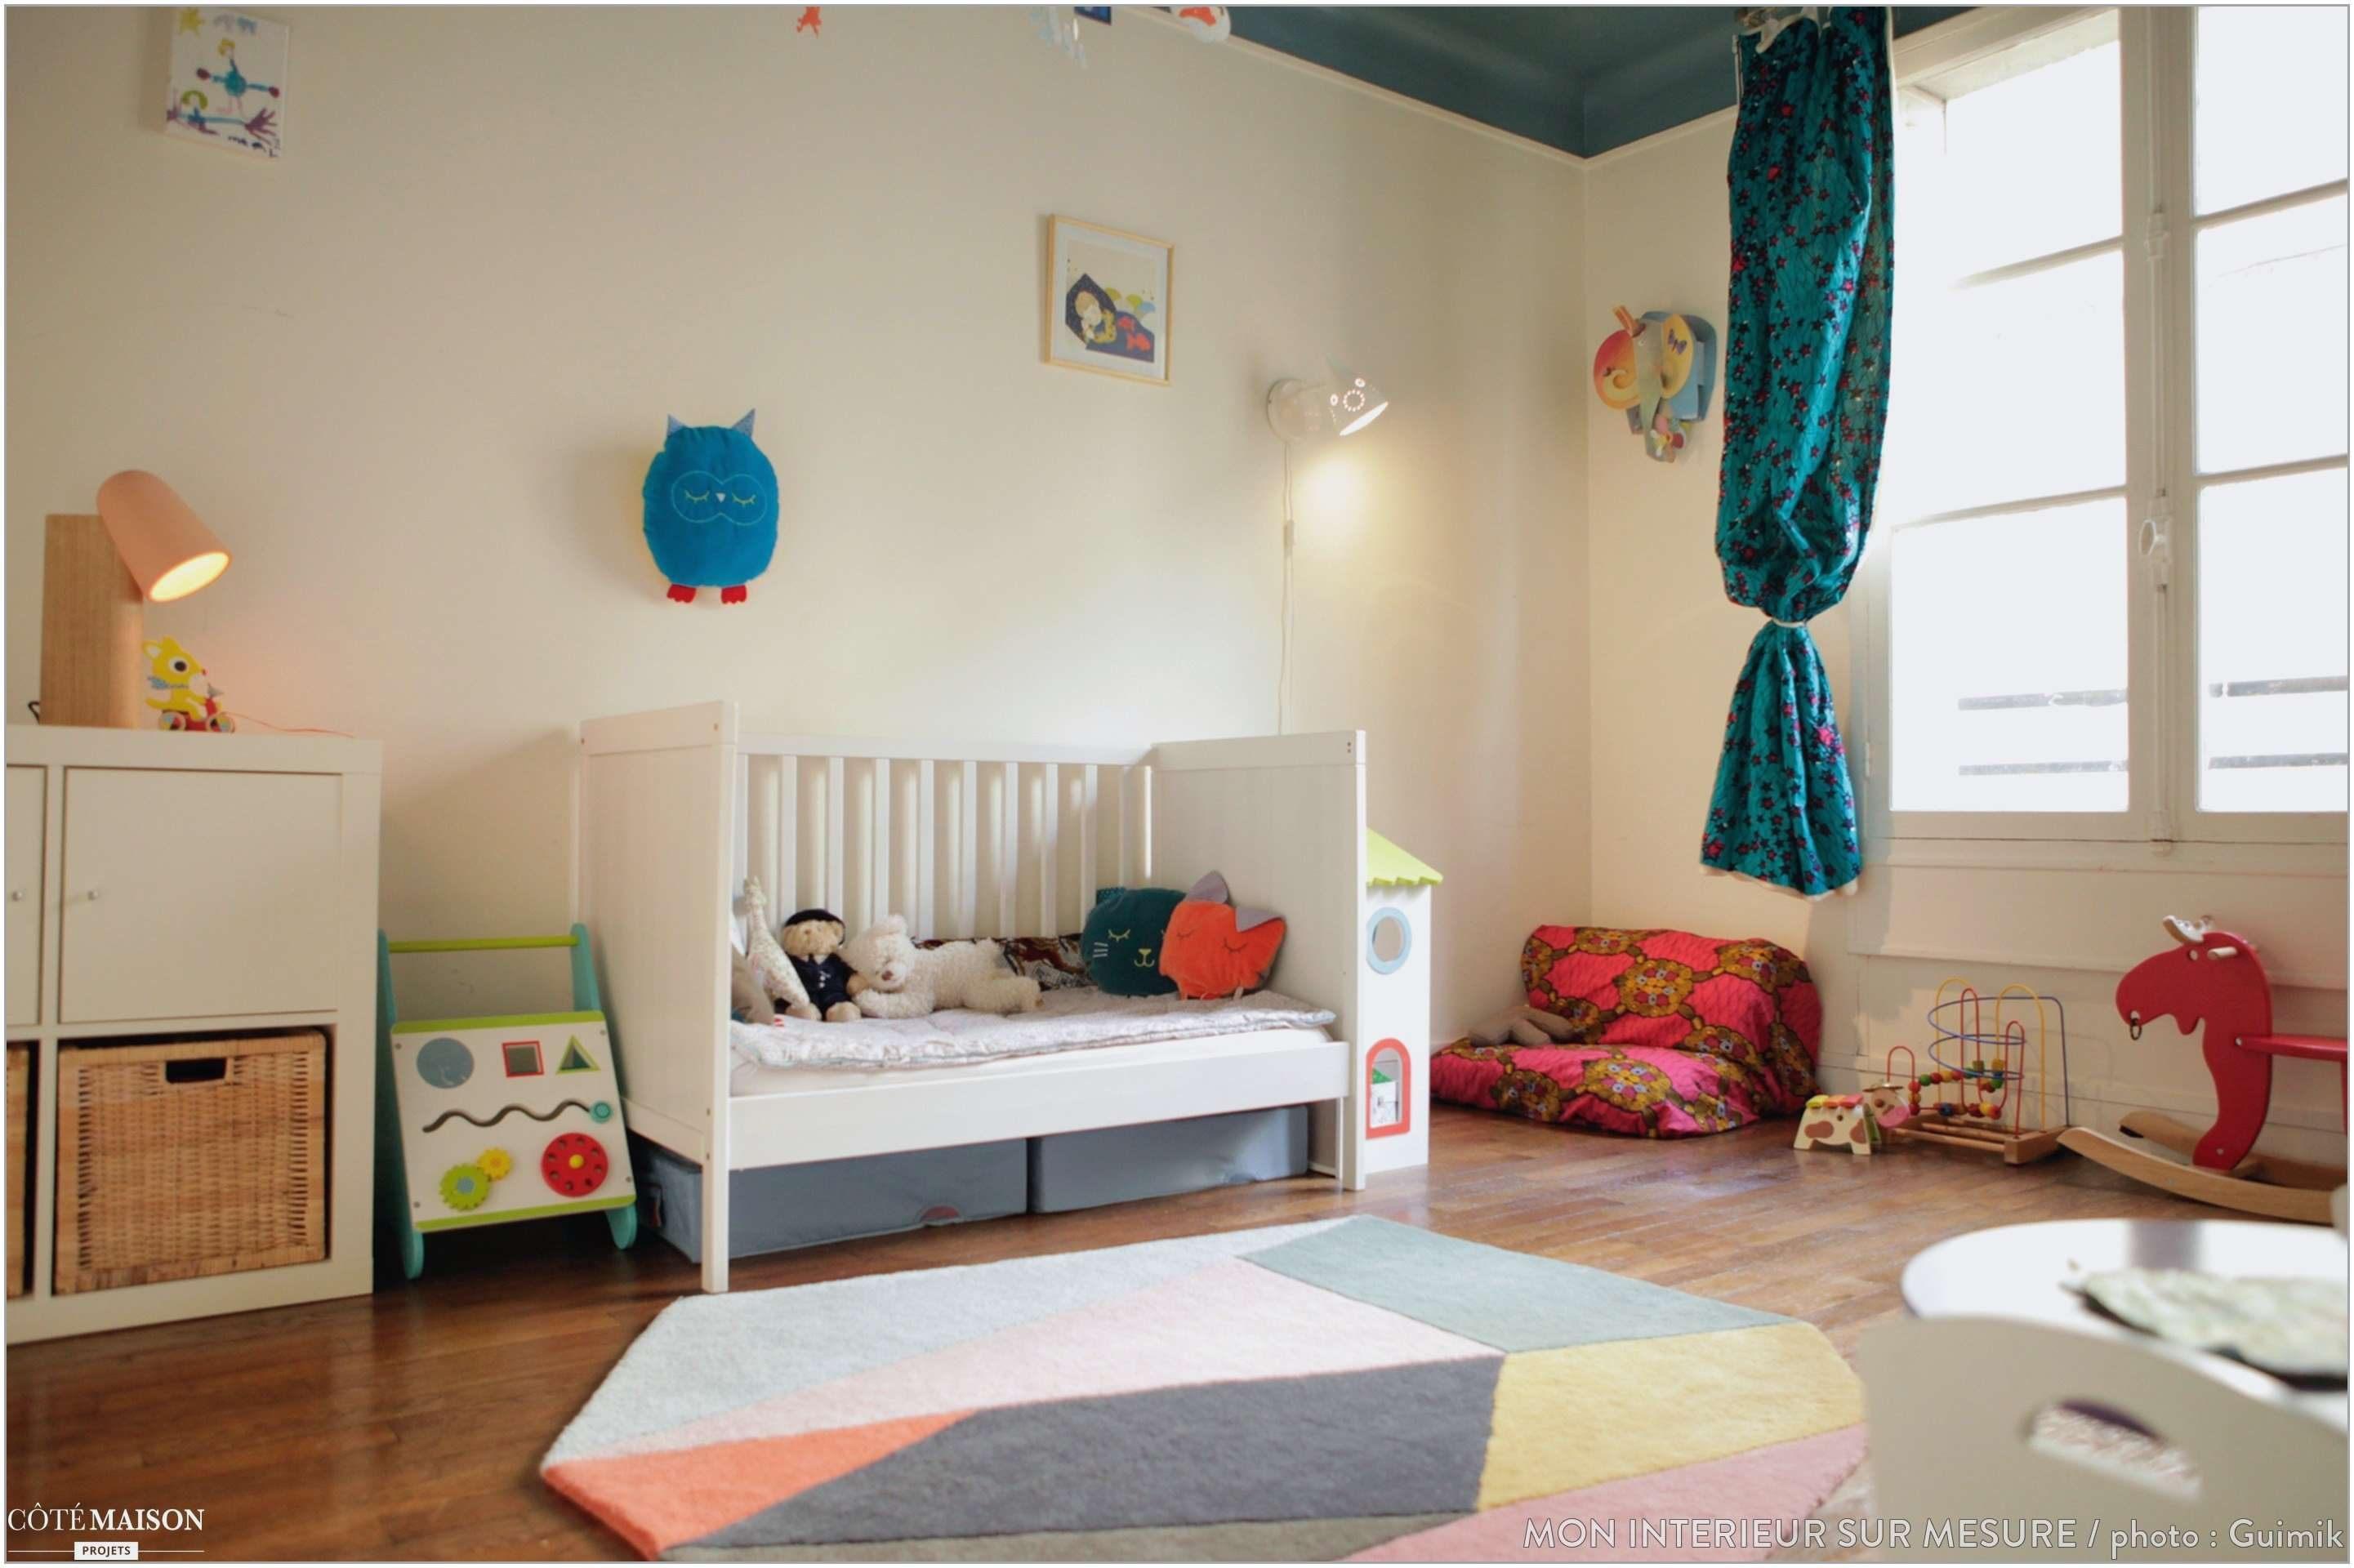 Tour De Lit Bébé Nuage Agréable Beau Chambre Bébé Maison Du Monde Lustre Chambre Bébé Fille élégant